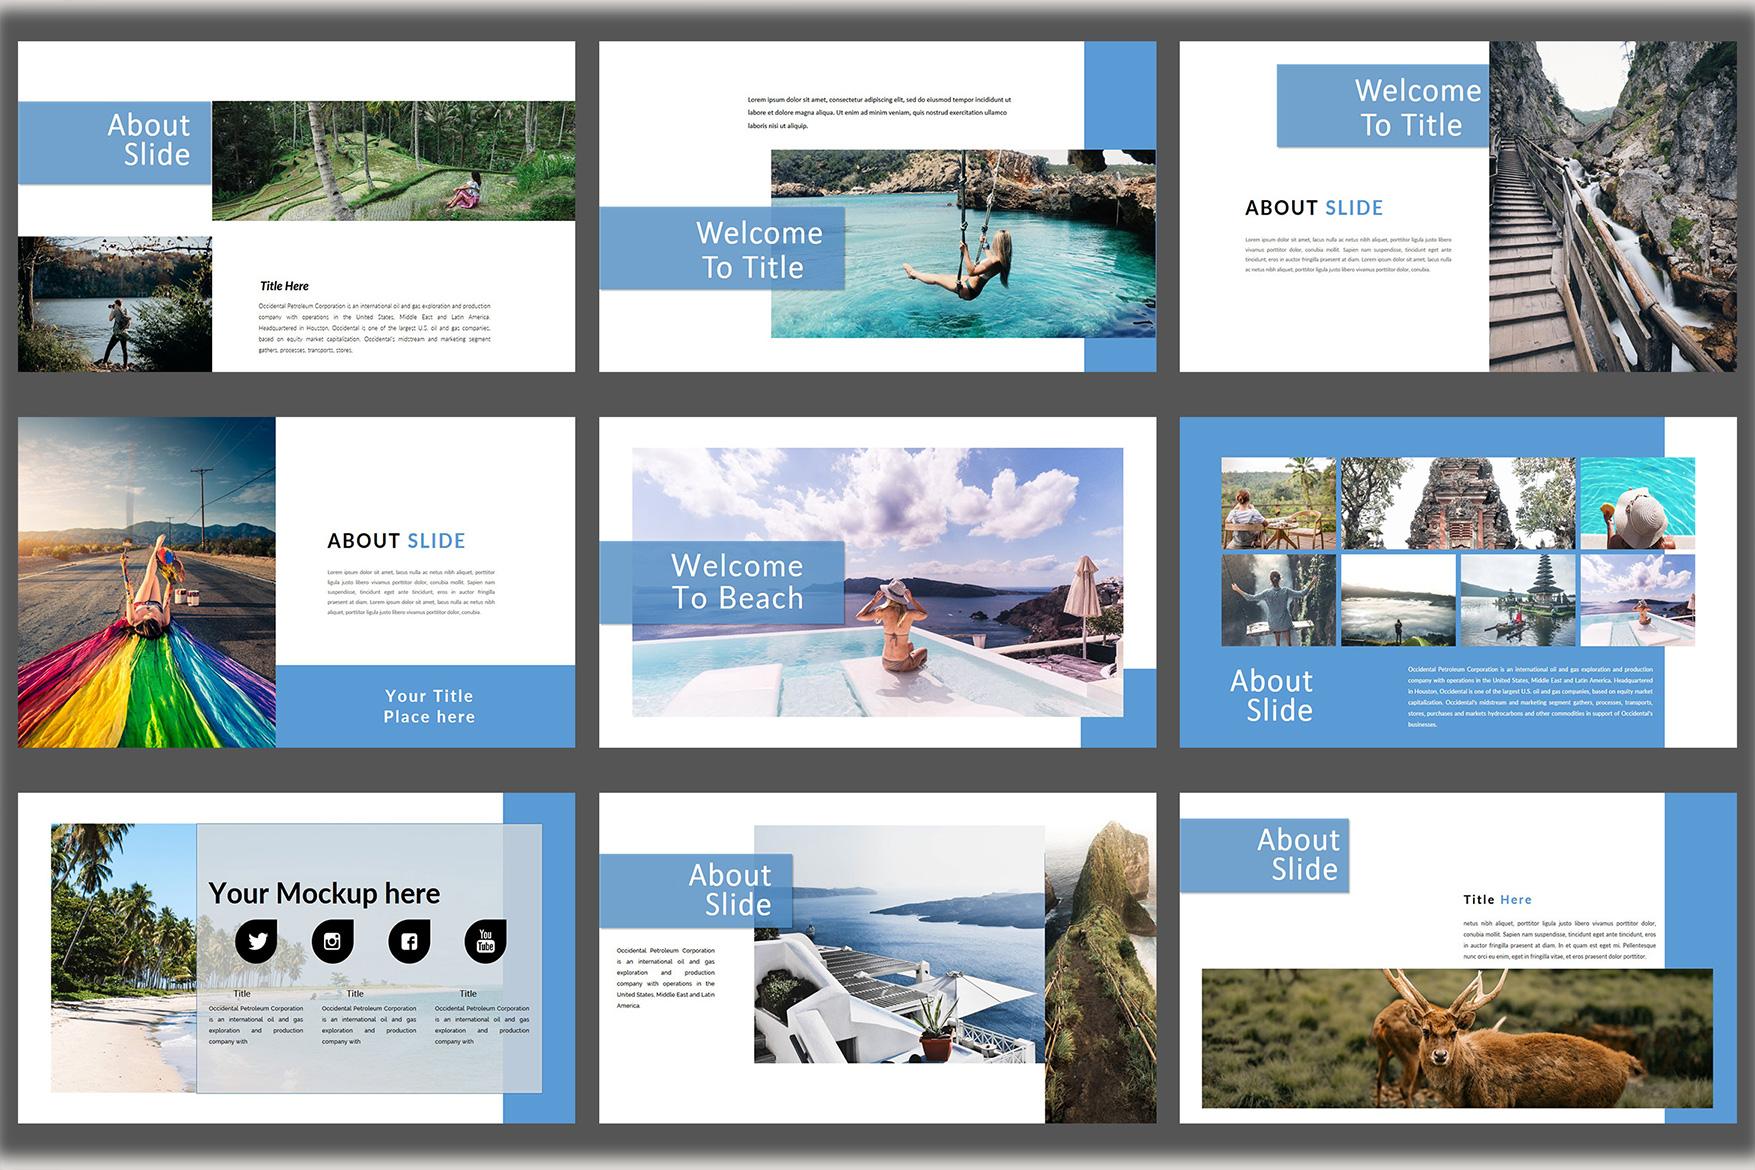 Holiday - Google Slides Presentation example image 5